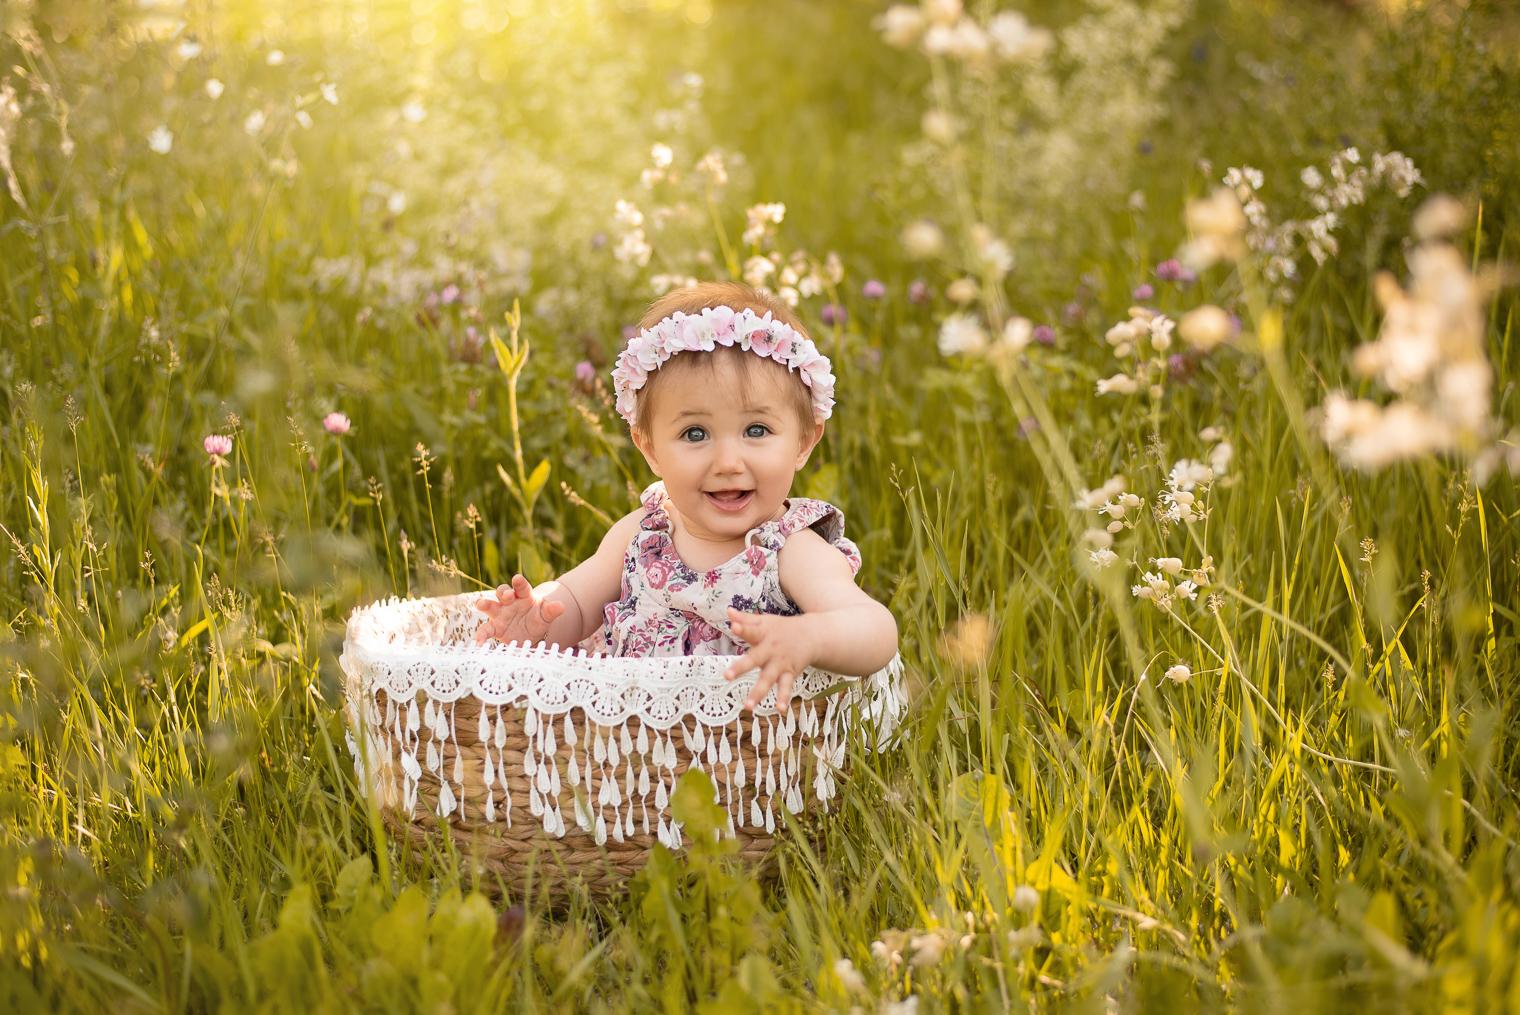 Bébé fille avec une robe à fleurs et une couronne de fleurs, assise dans un panier en osier dans un champ de fleurs